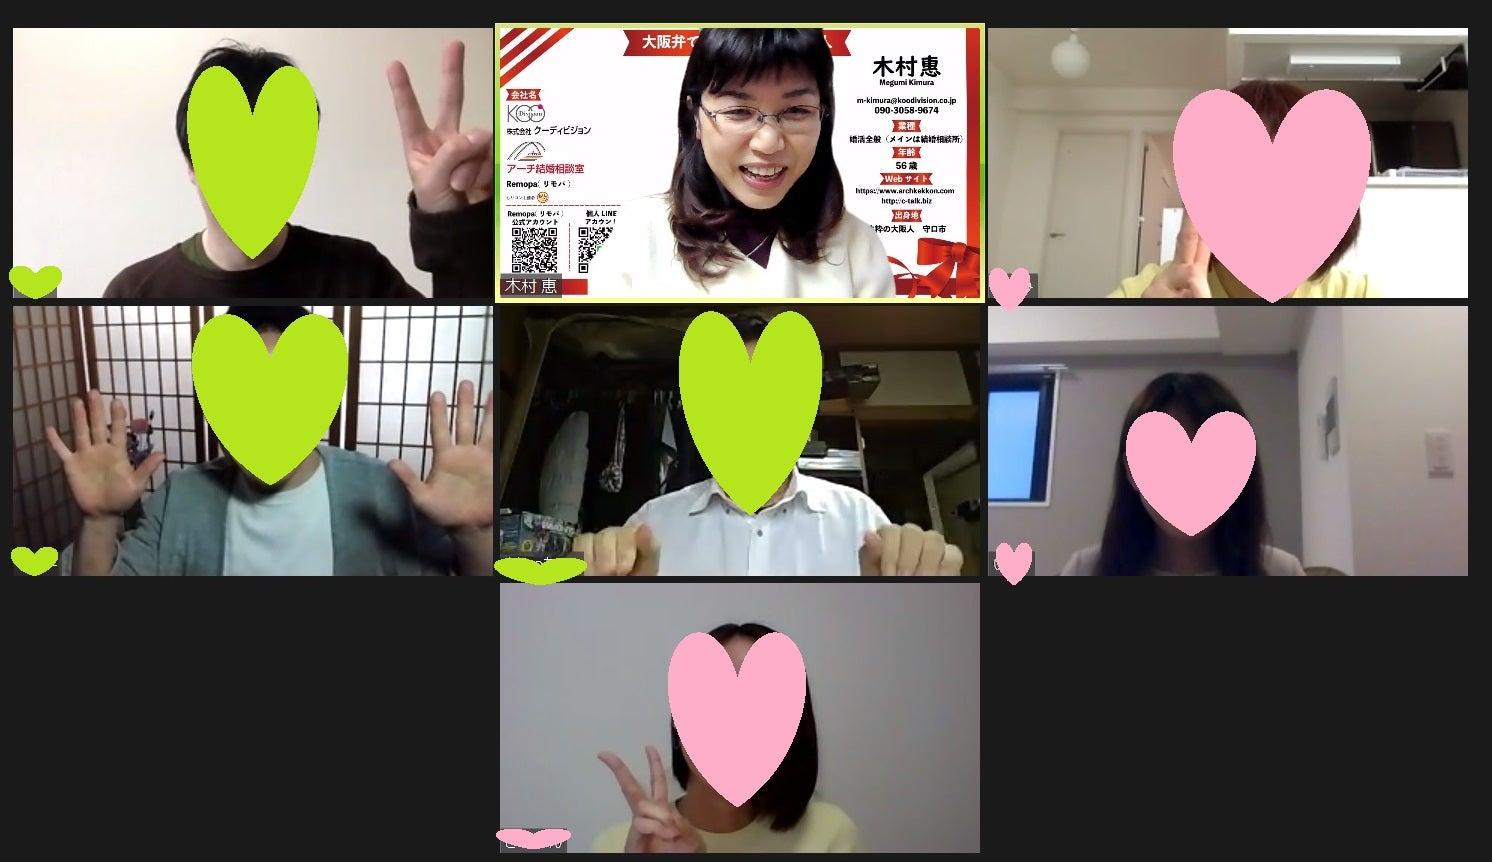 リモート婚活パーティ「Remopa リモパ」オンラインで笑顔で時間共有!またしよっ!